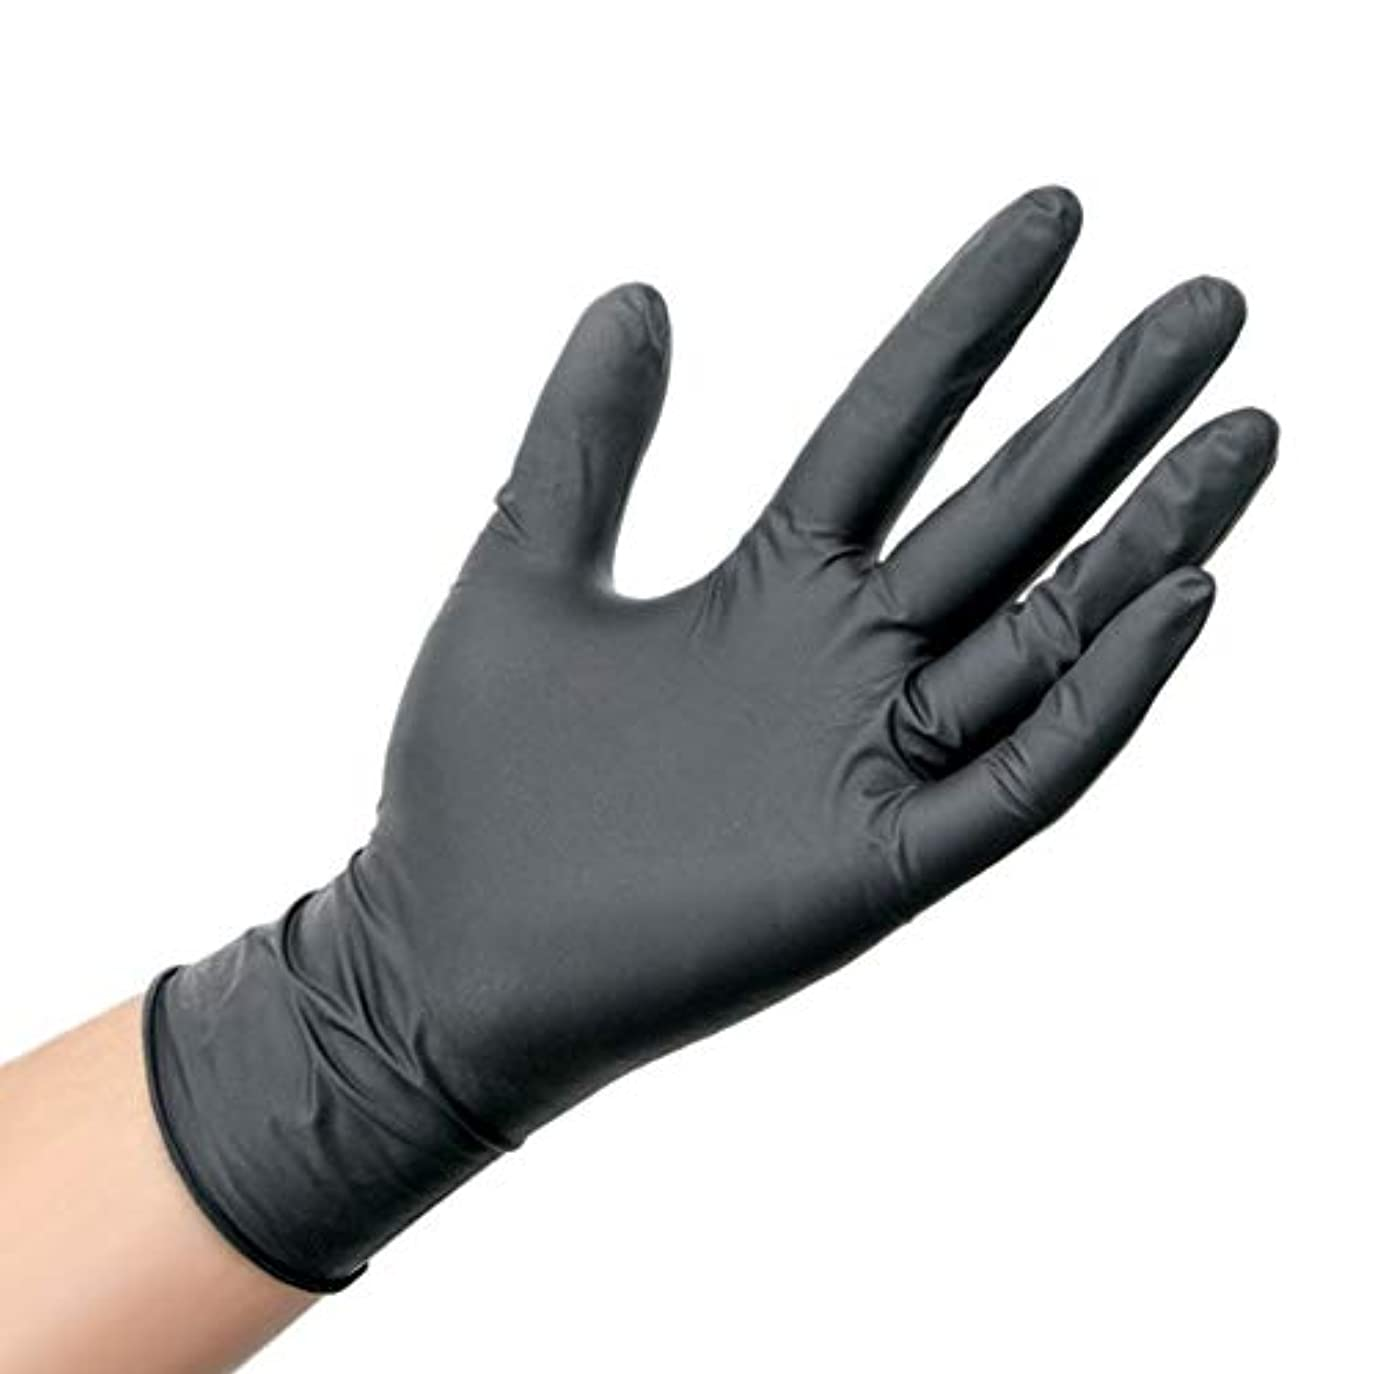 コーン頼るパーセント肥厚した抗酸とアルカリの帯電防止保護手袋使い捨て工業用ニトリルゴム手袋 YANW (色 : ブラック, サイズ さいず : M m)